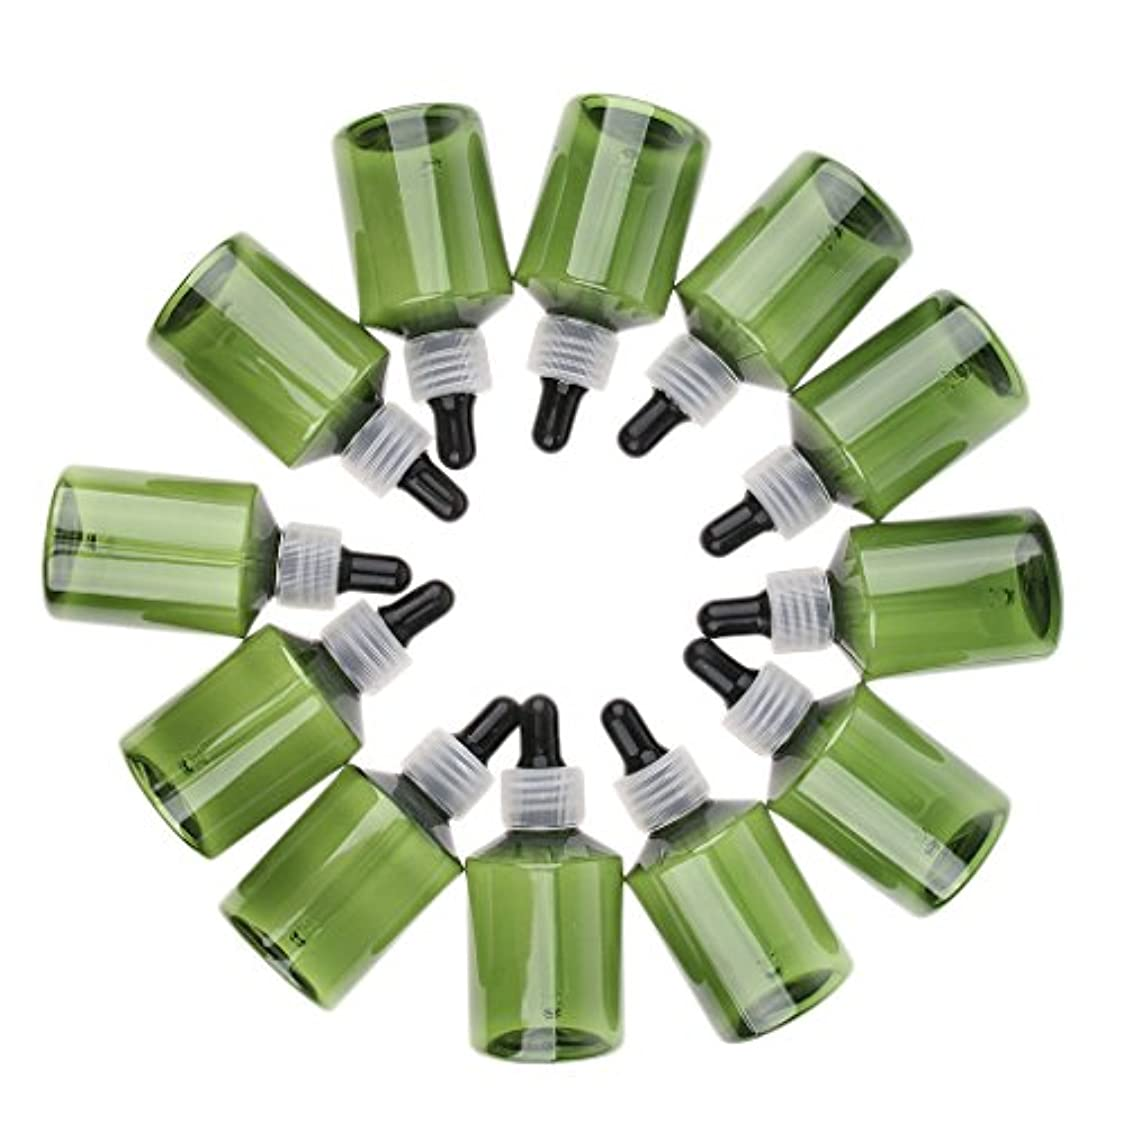 野望責実り多いドロッパーボトル エッセンシャルオイル 精油ボトル 小分け容器 詰め替え 50ml 6仕様選べ - クリアキャップブラックドロッパー